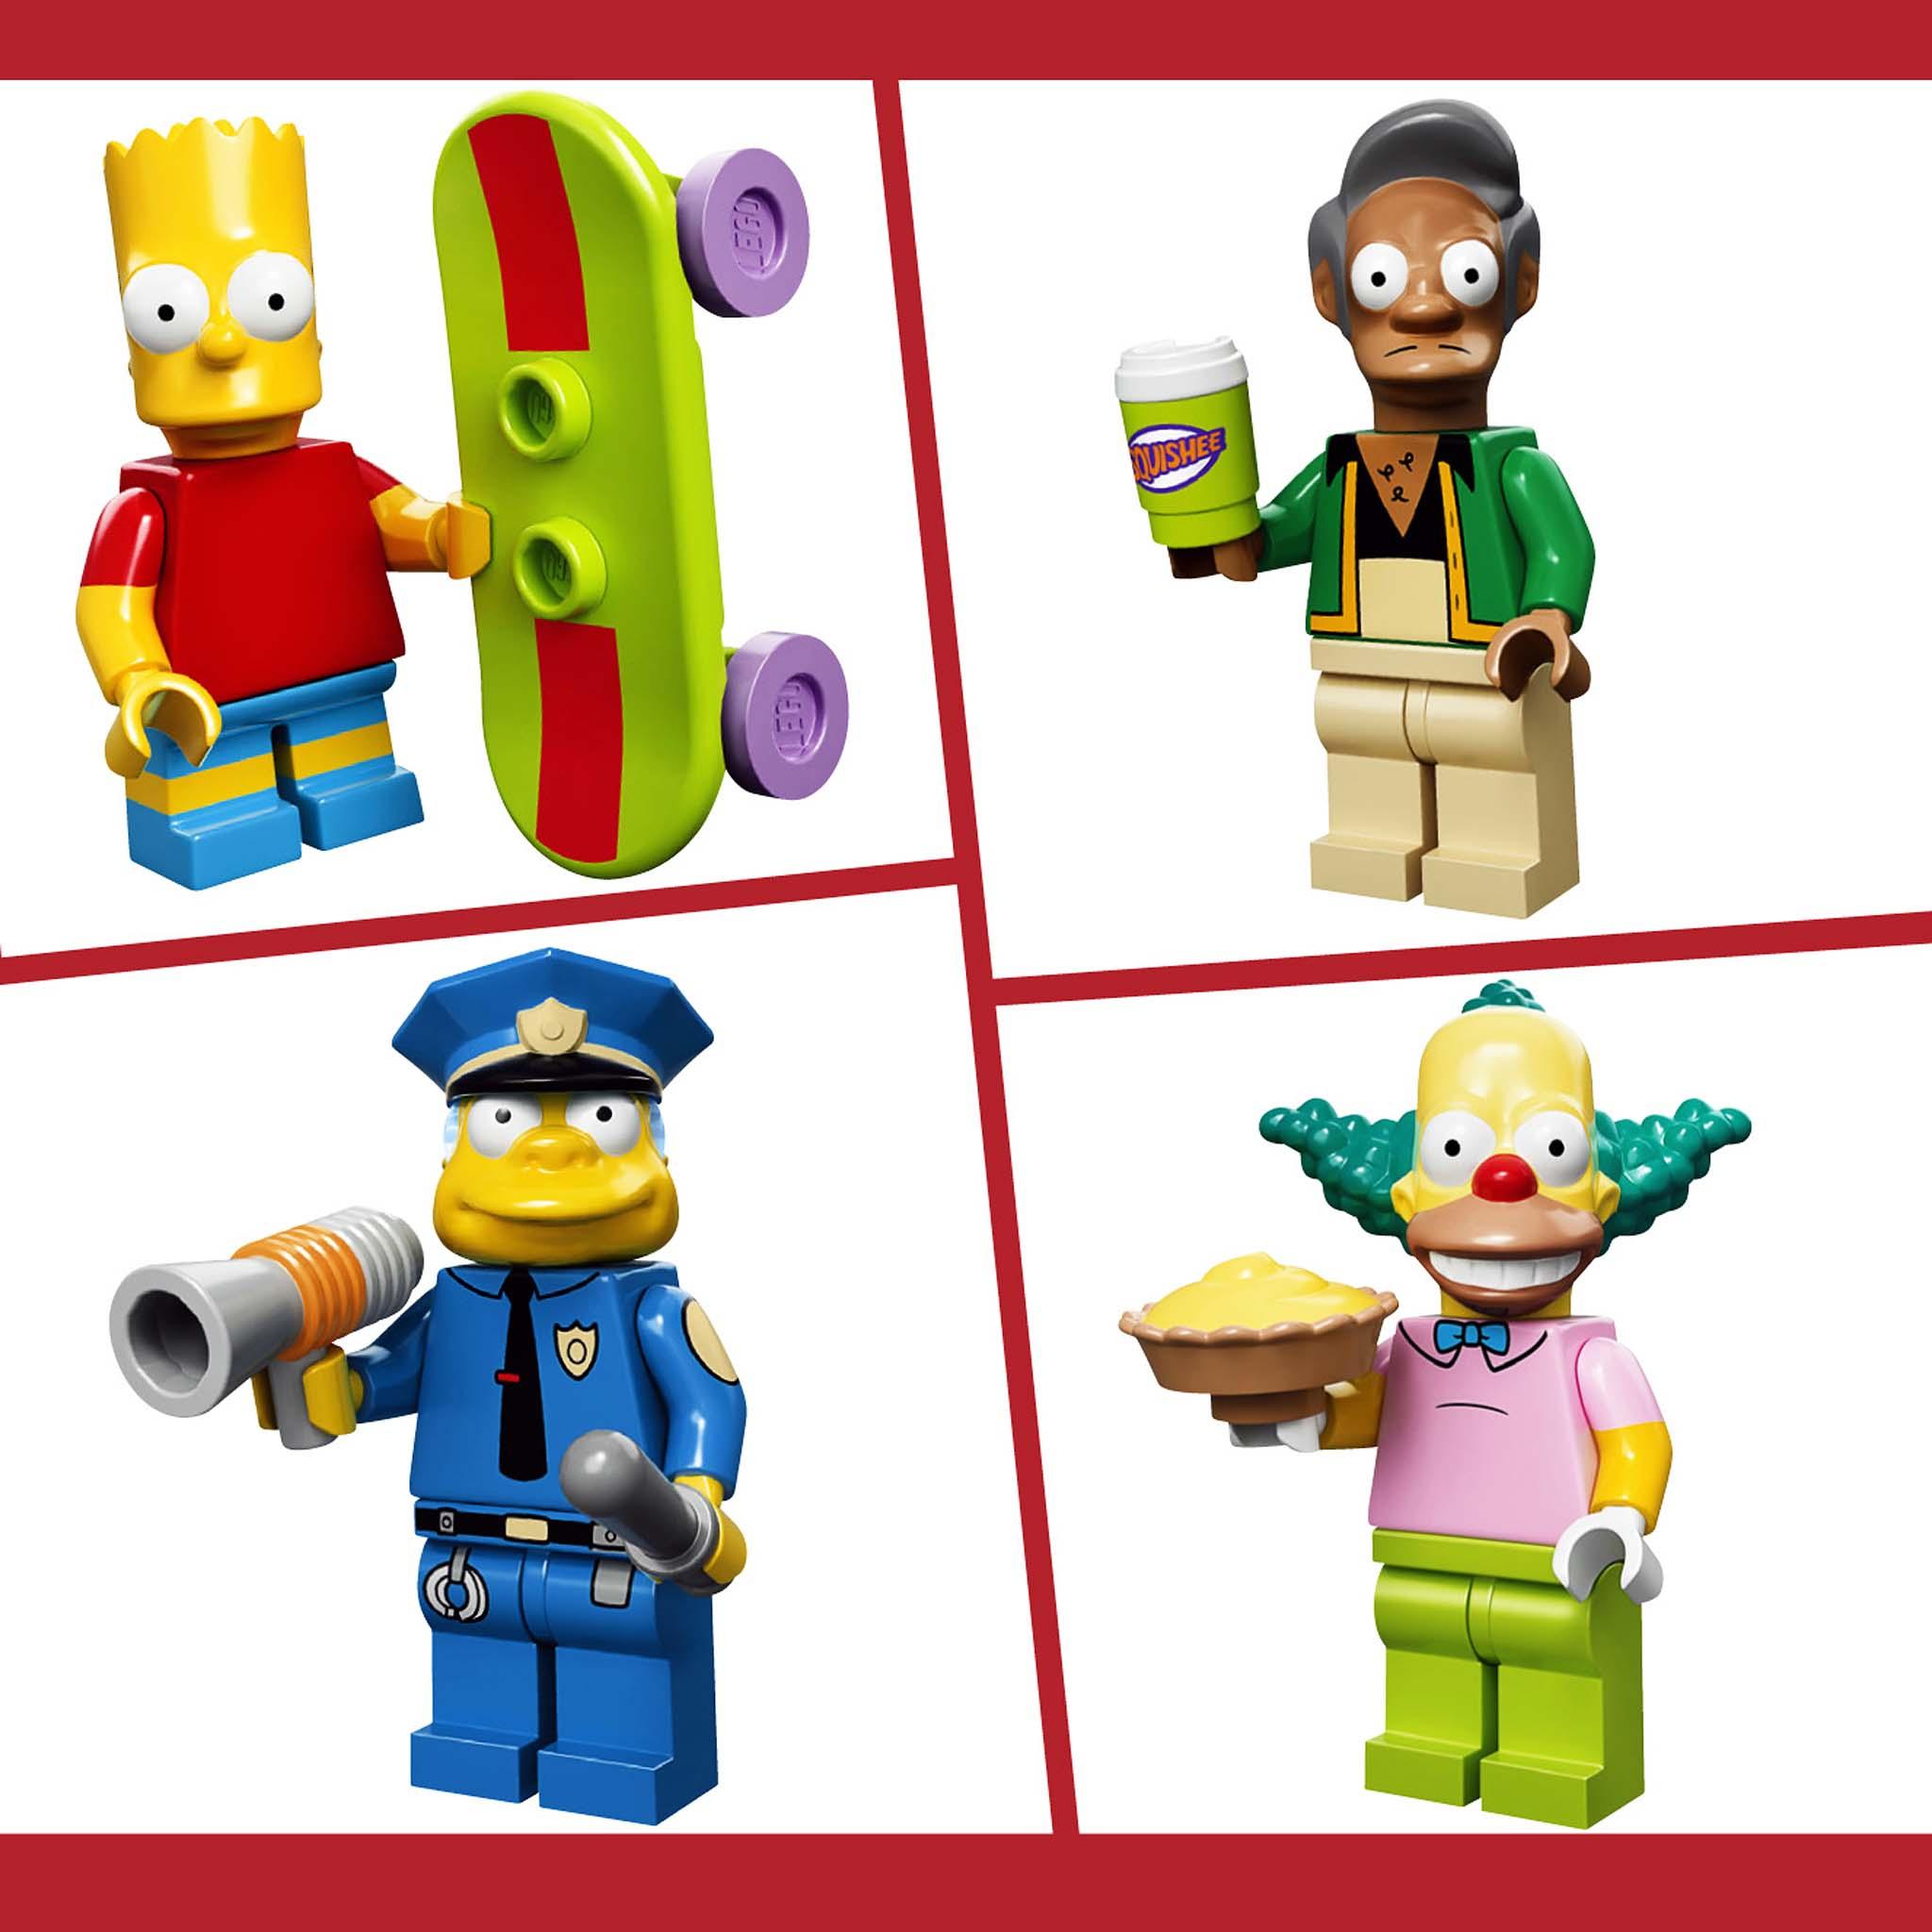 simpsons-legos-01.jpg